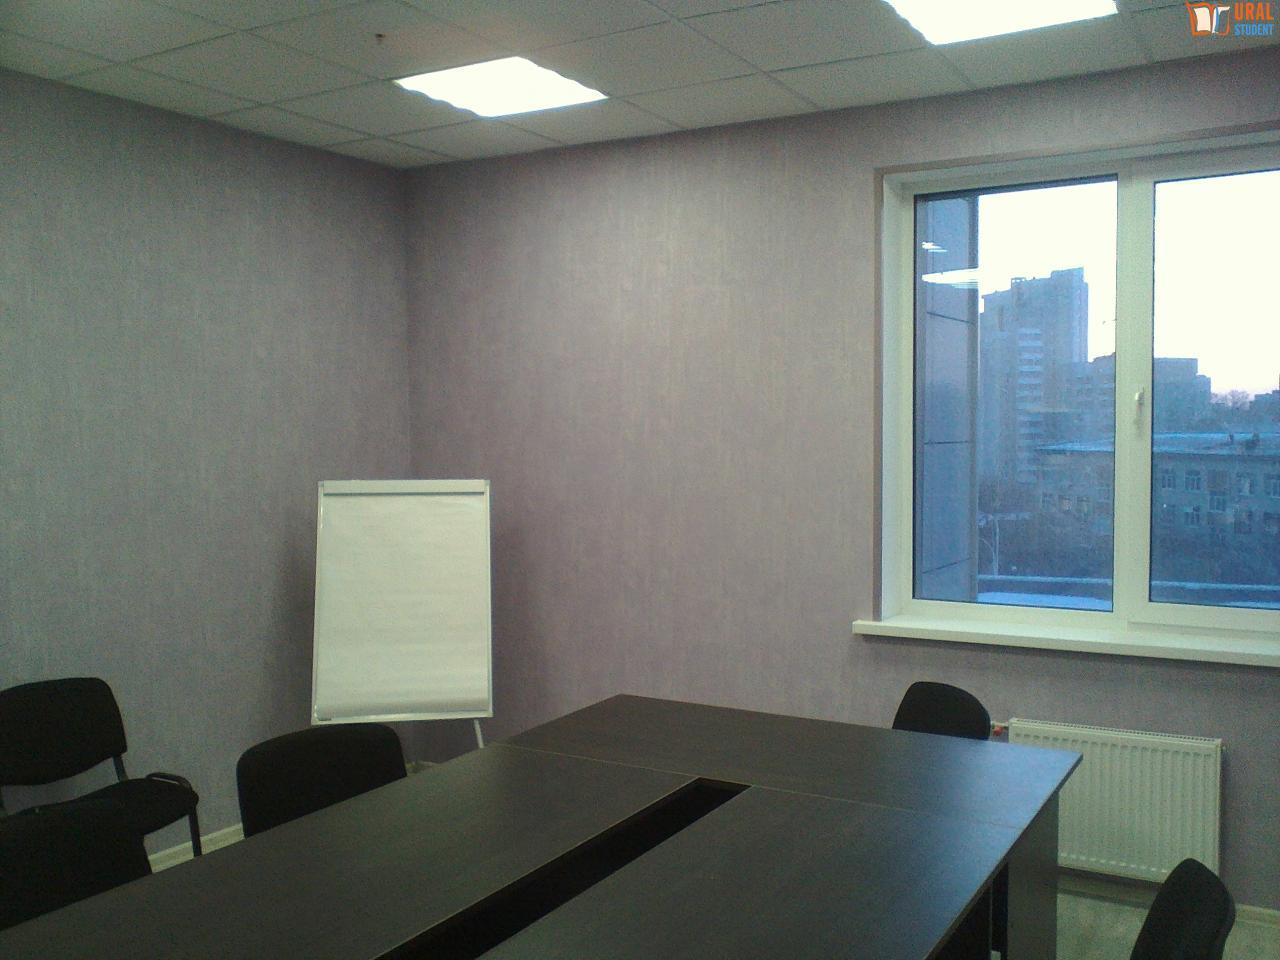 Аренда офиса под лекцию почасовая аренда офисов на обводном канале